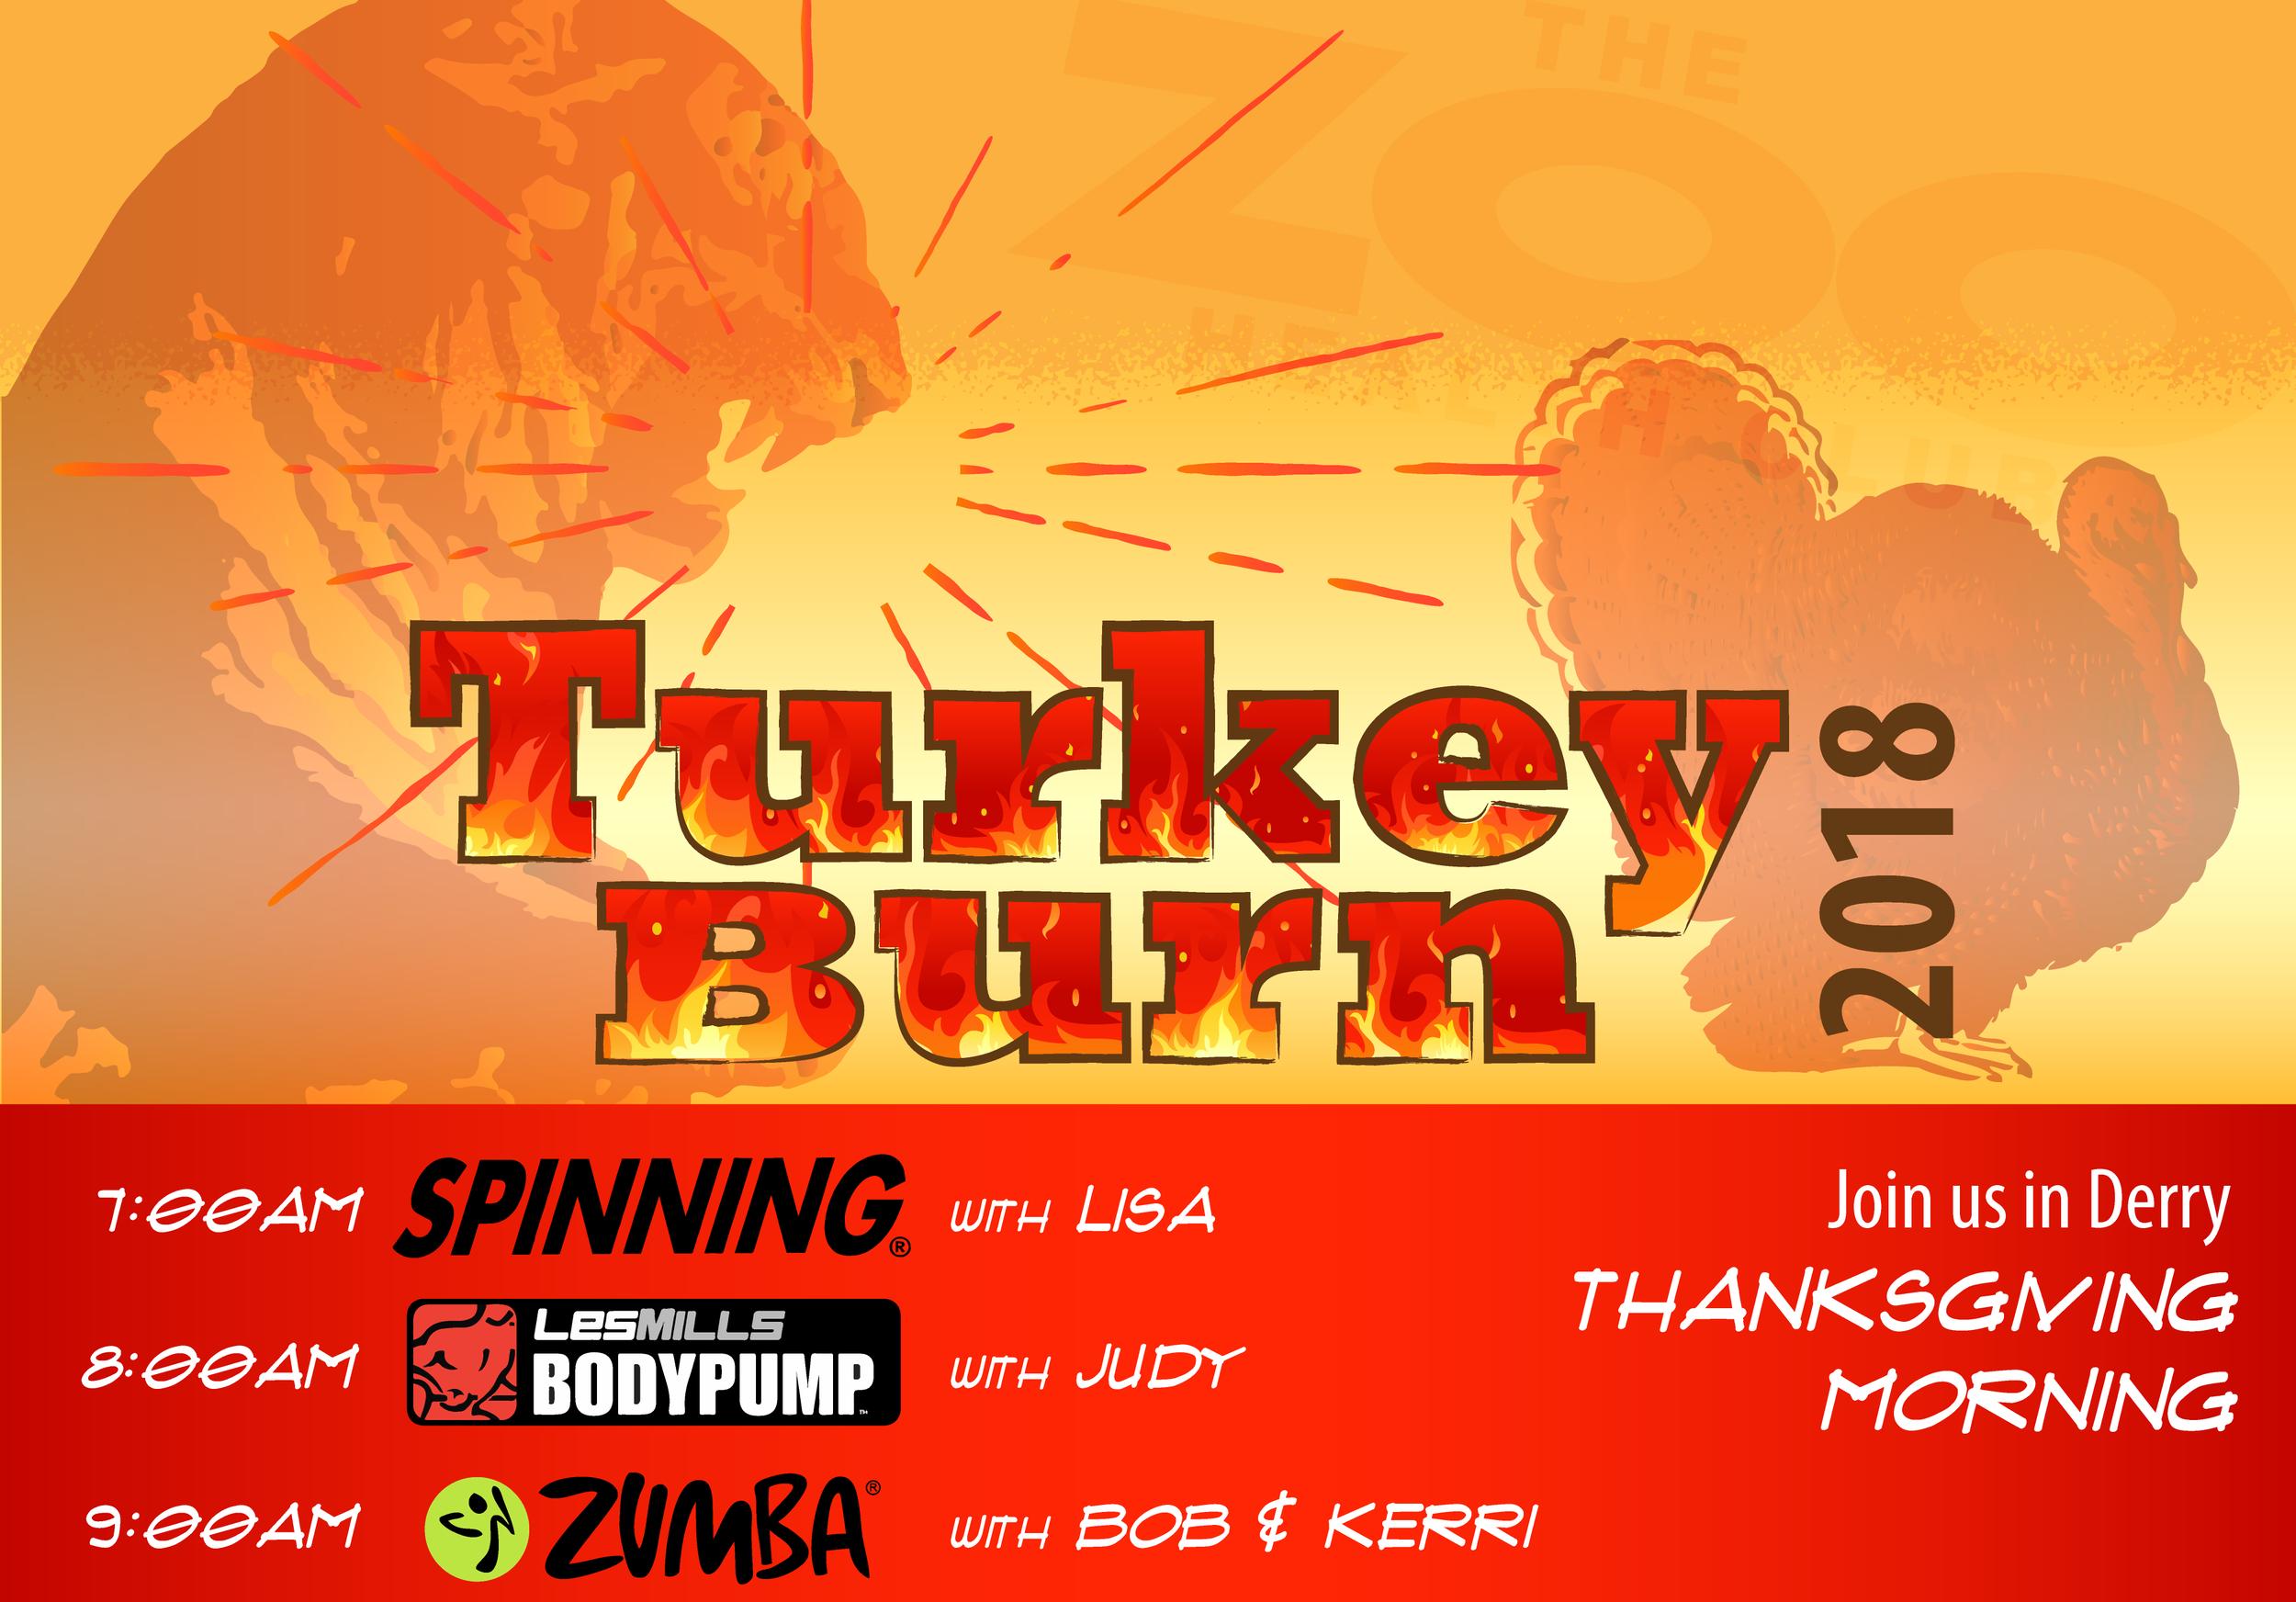 TurkeyBurn_2018_DERRY_Horizontal-01.png